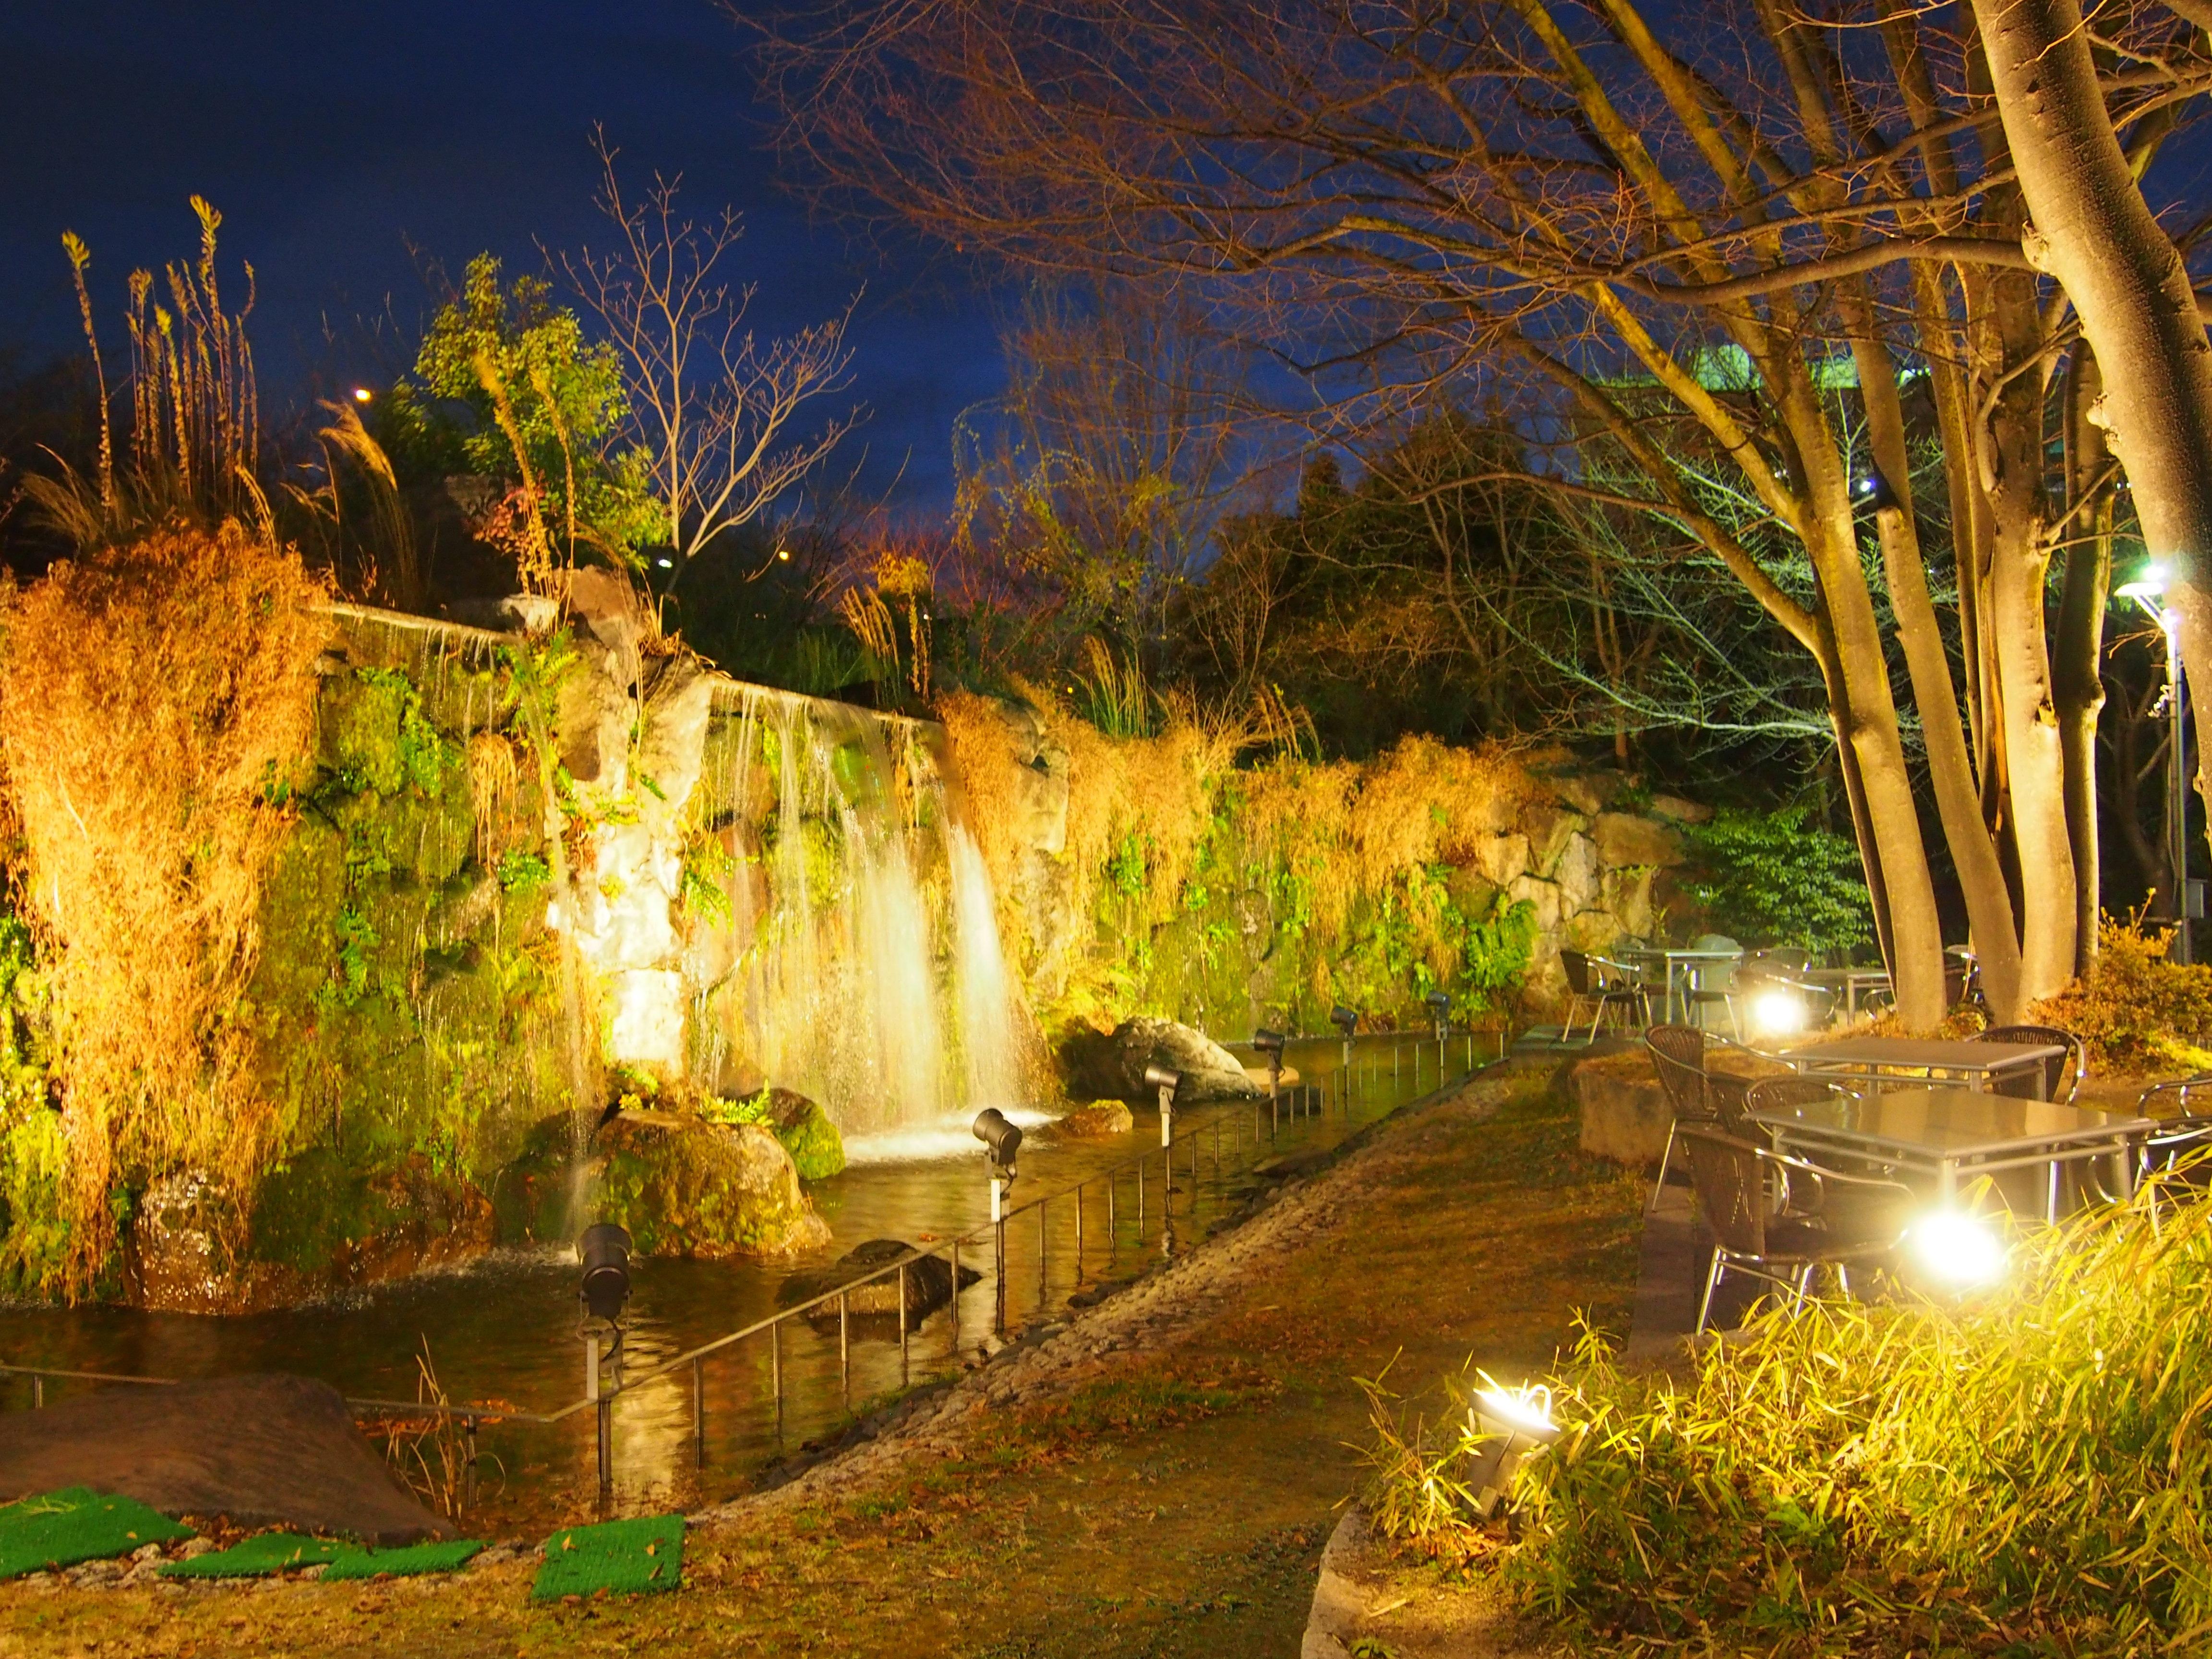 名古屋の夏の風物詩「浩養園」のビアガーデンが、今年もオープン! - sub1 2